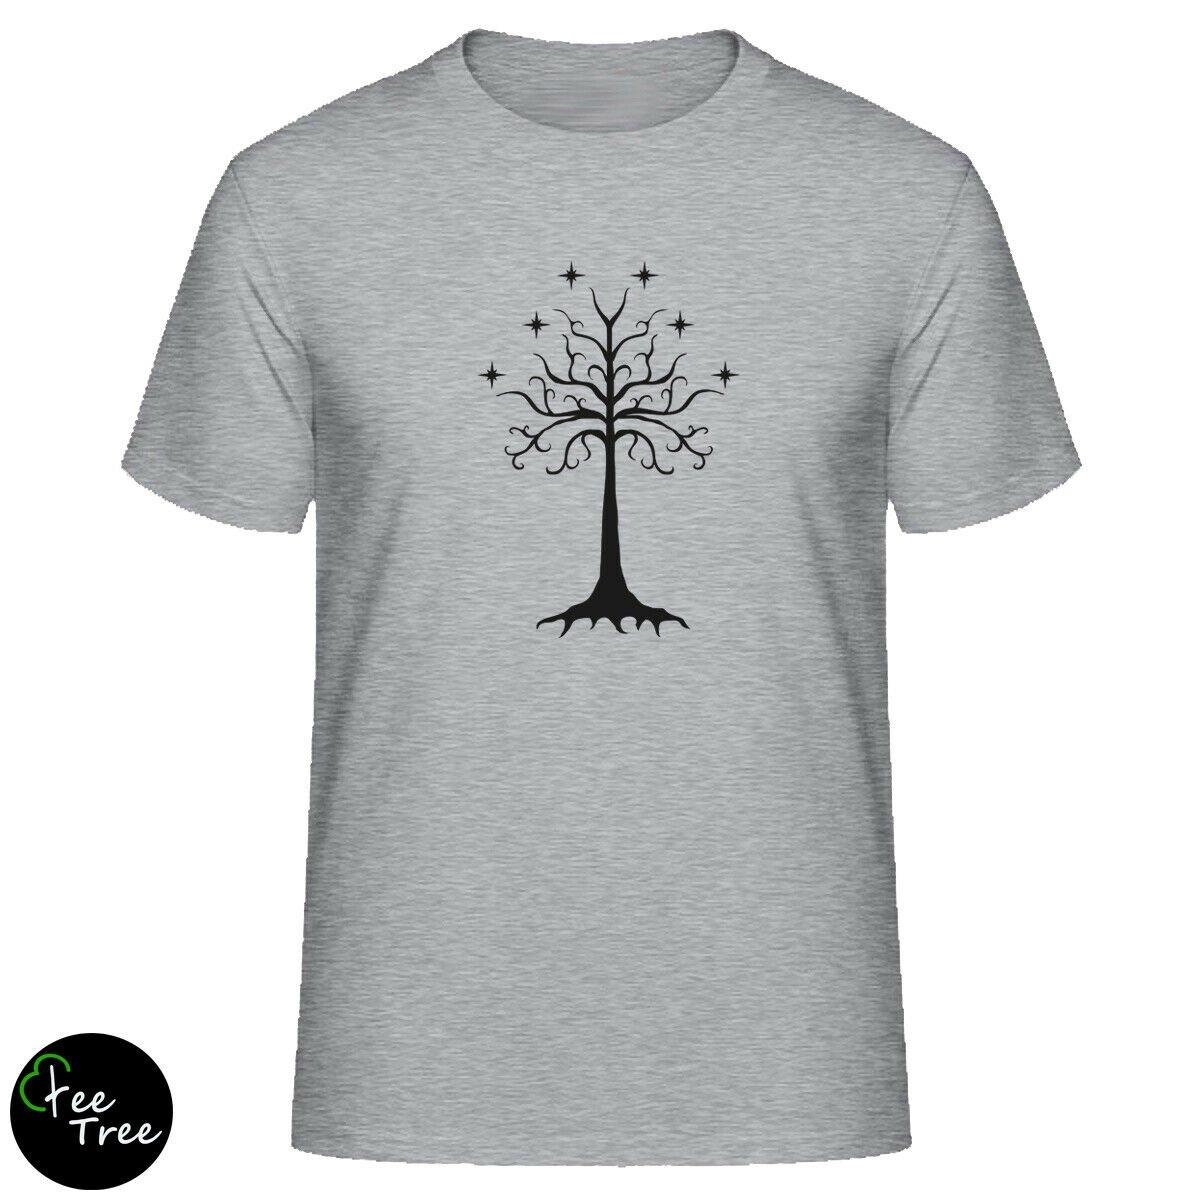 gray-tree-t-shirt